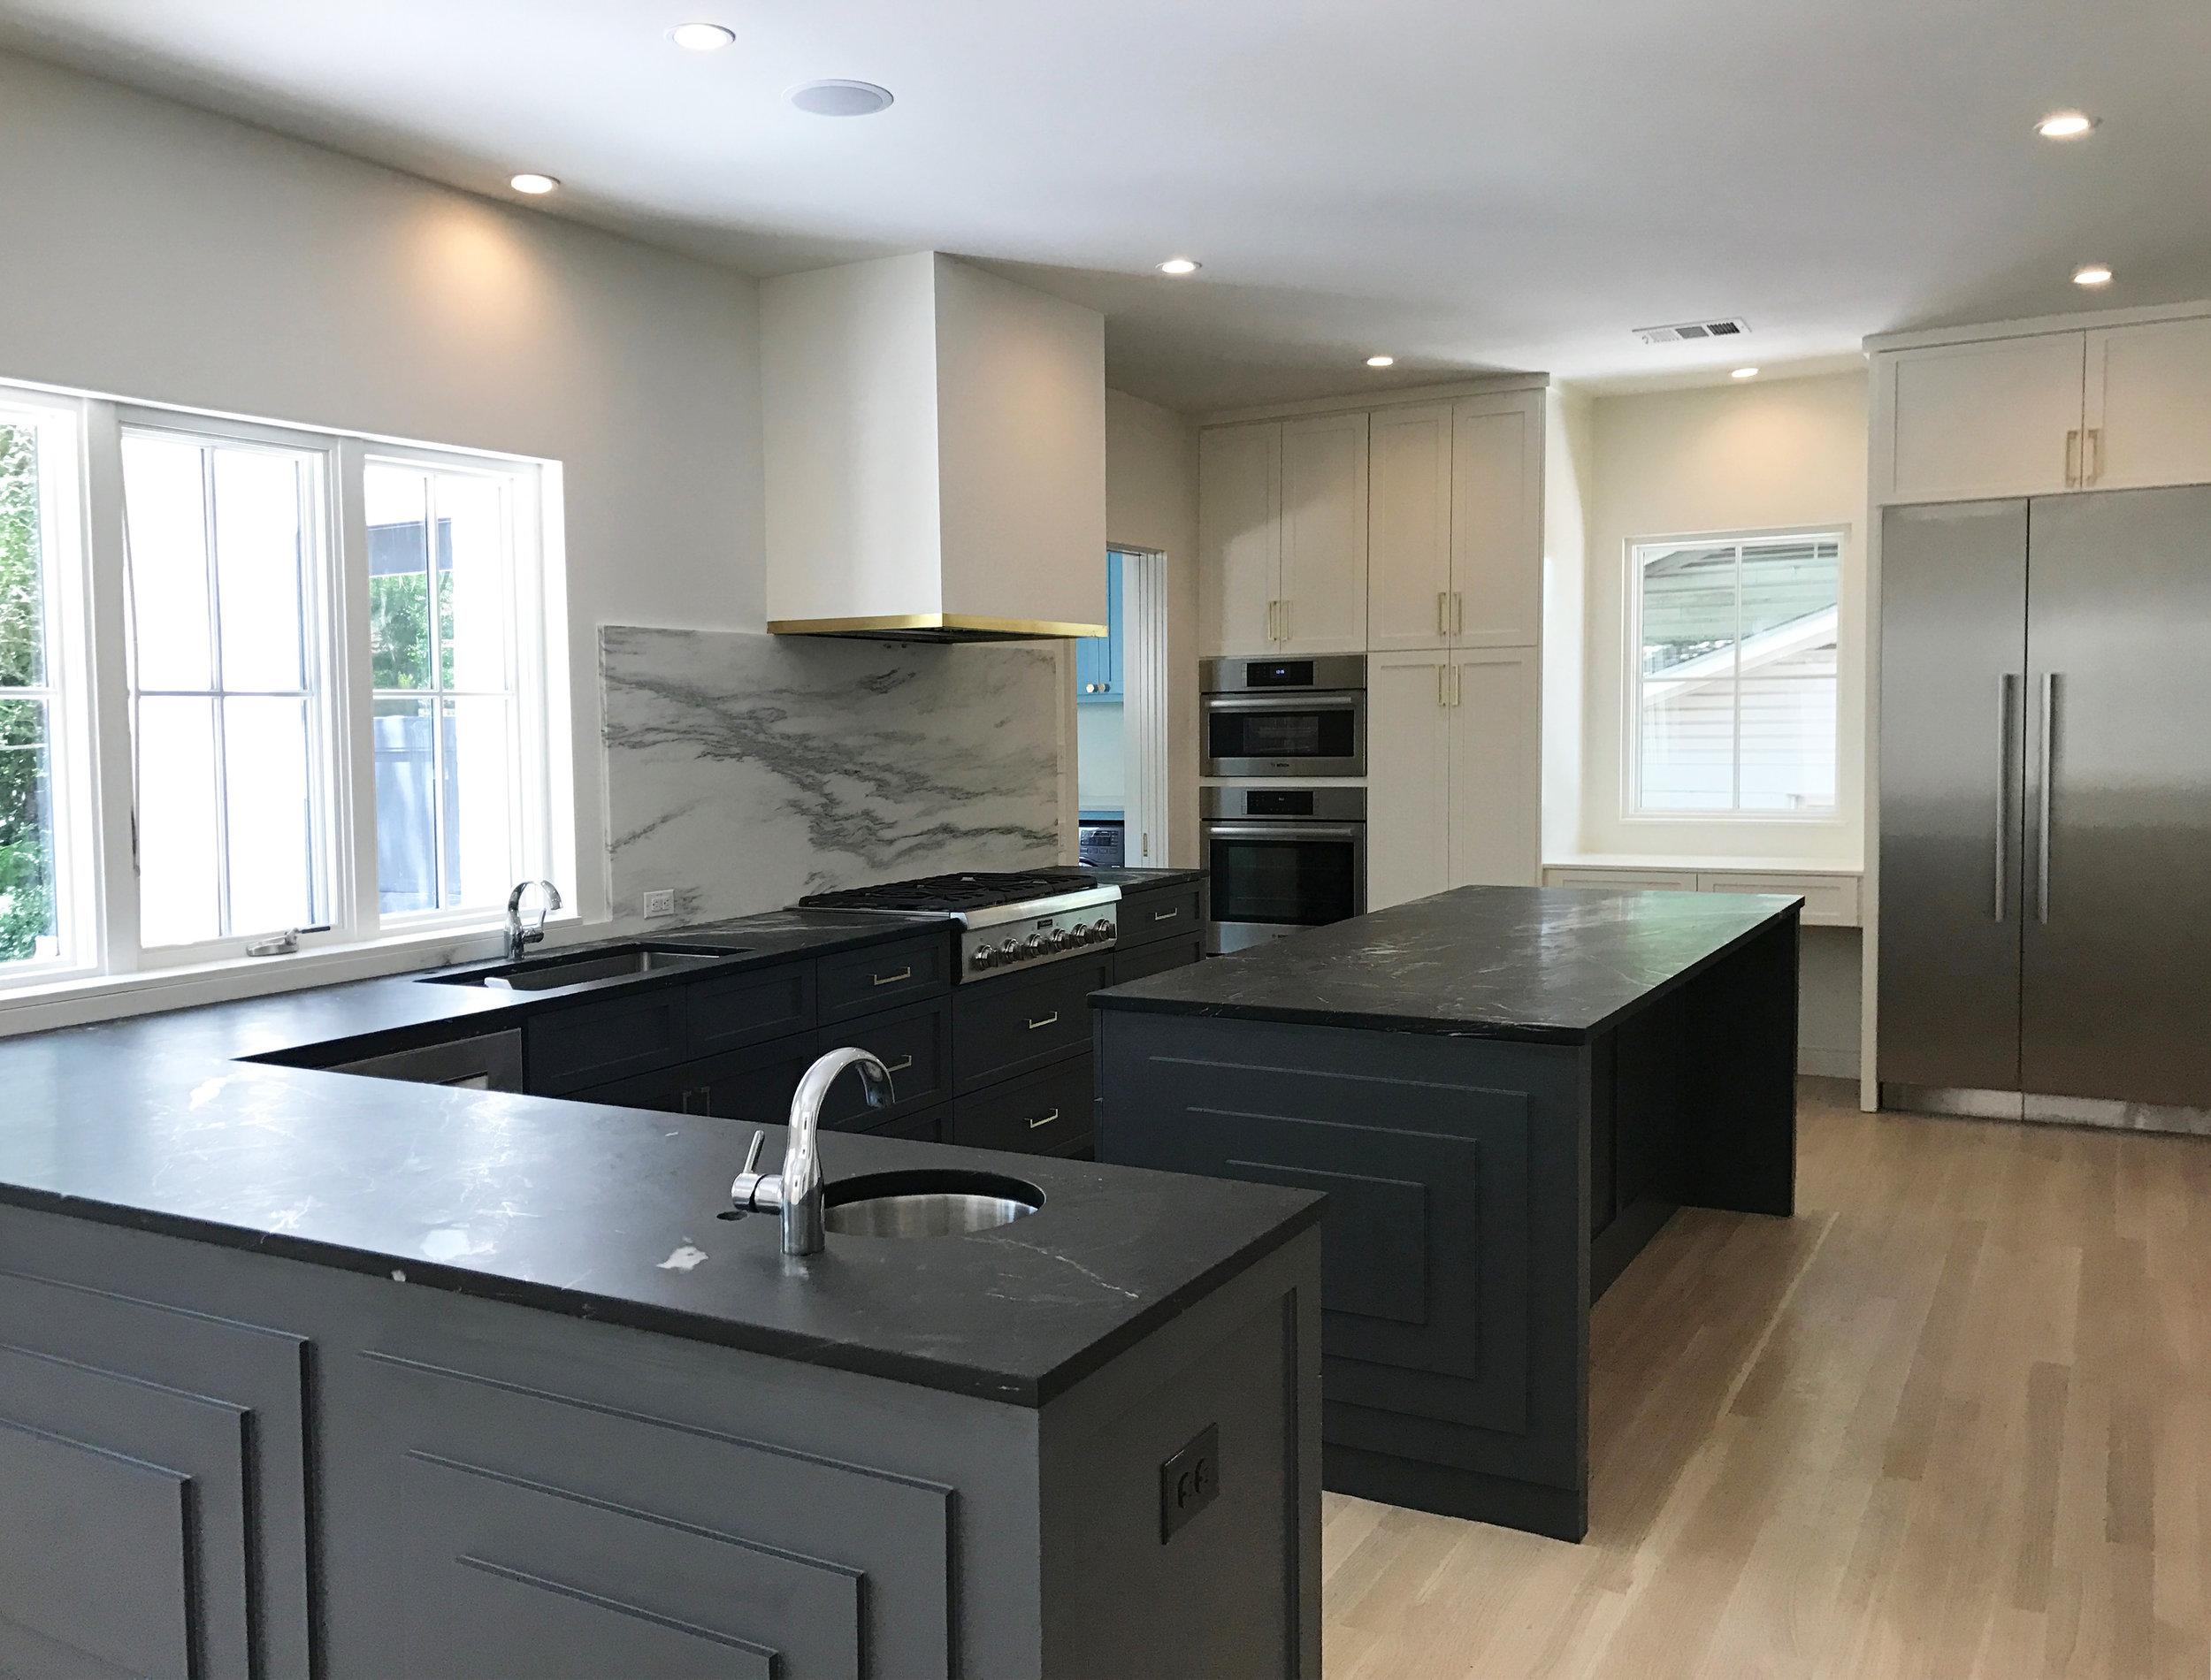 Elizabeth-Baird-Architecture-Southill Circle-kitchen1.jpg